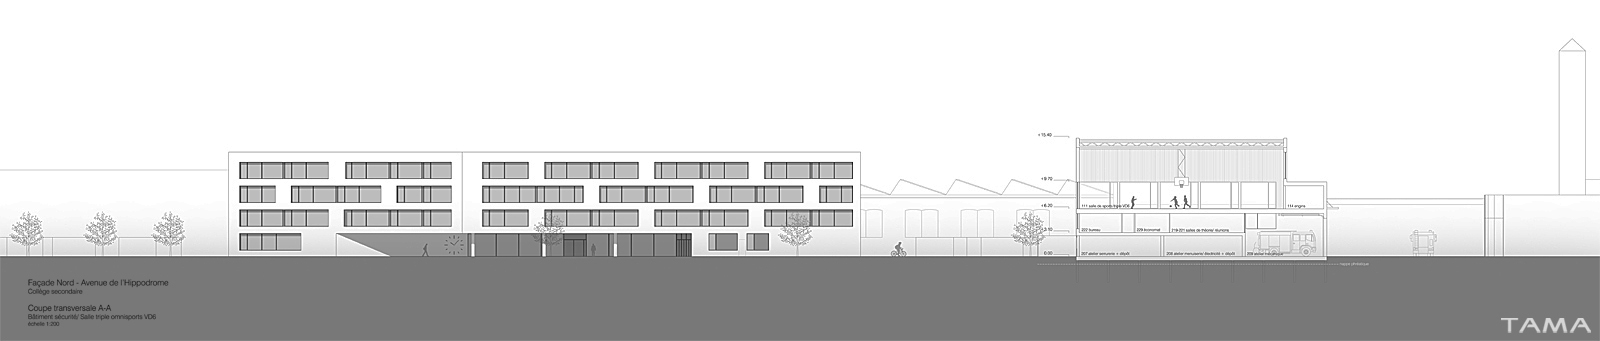 façade Nord Collège Secondaire Rives Caserne de Pompiers Yverdon